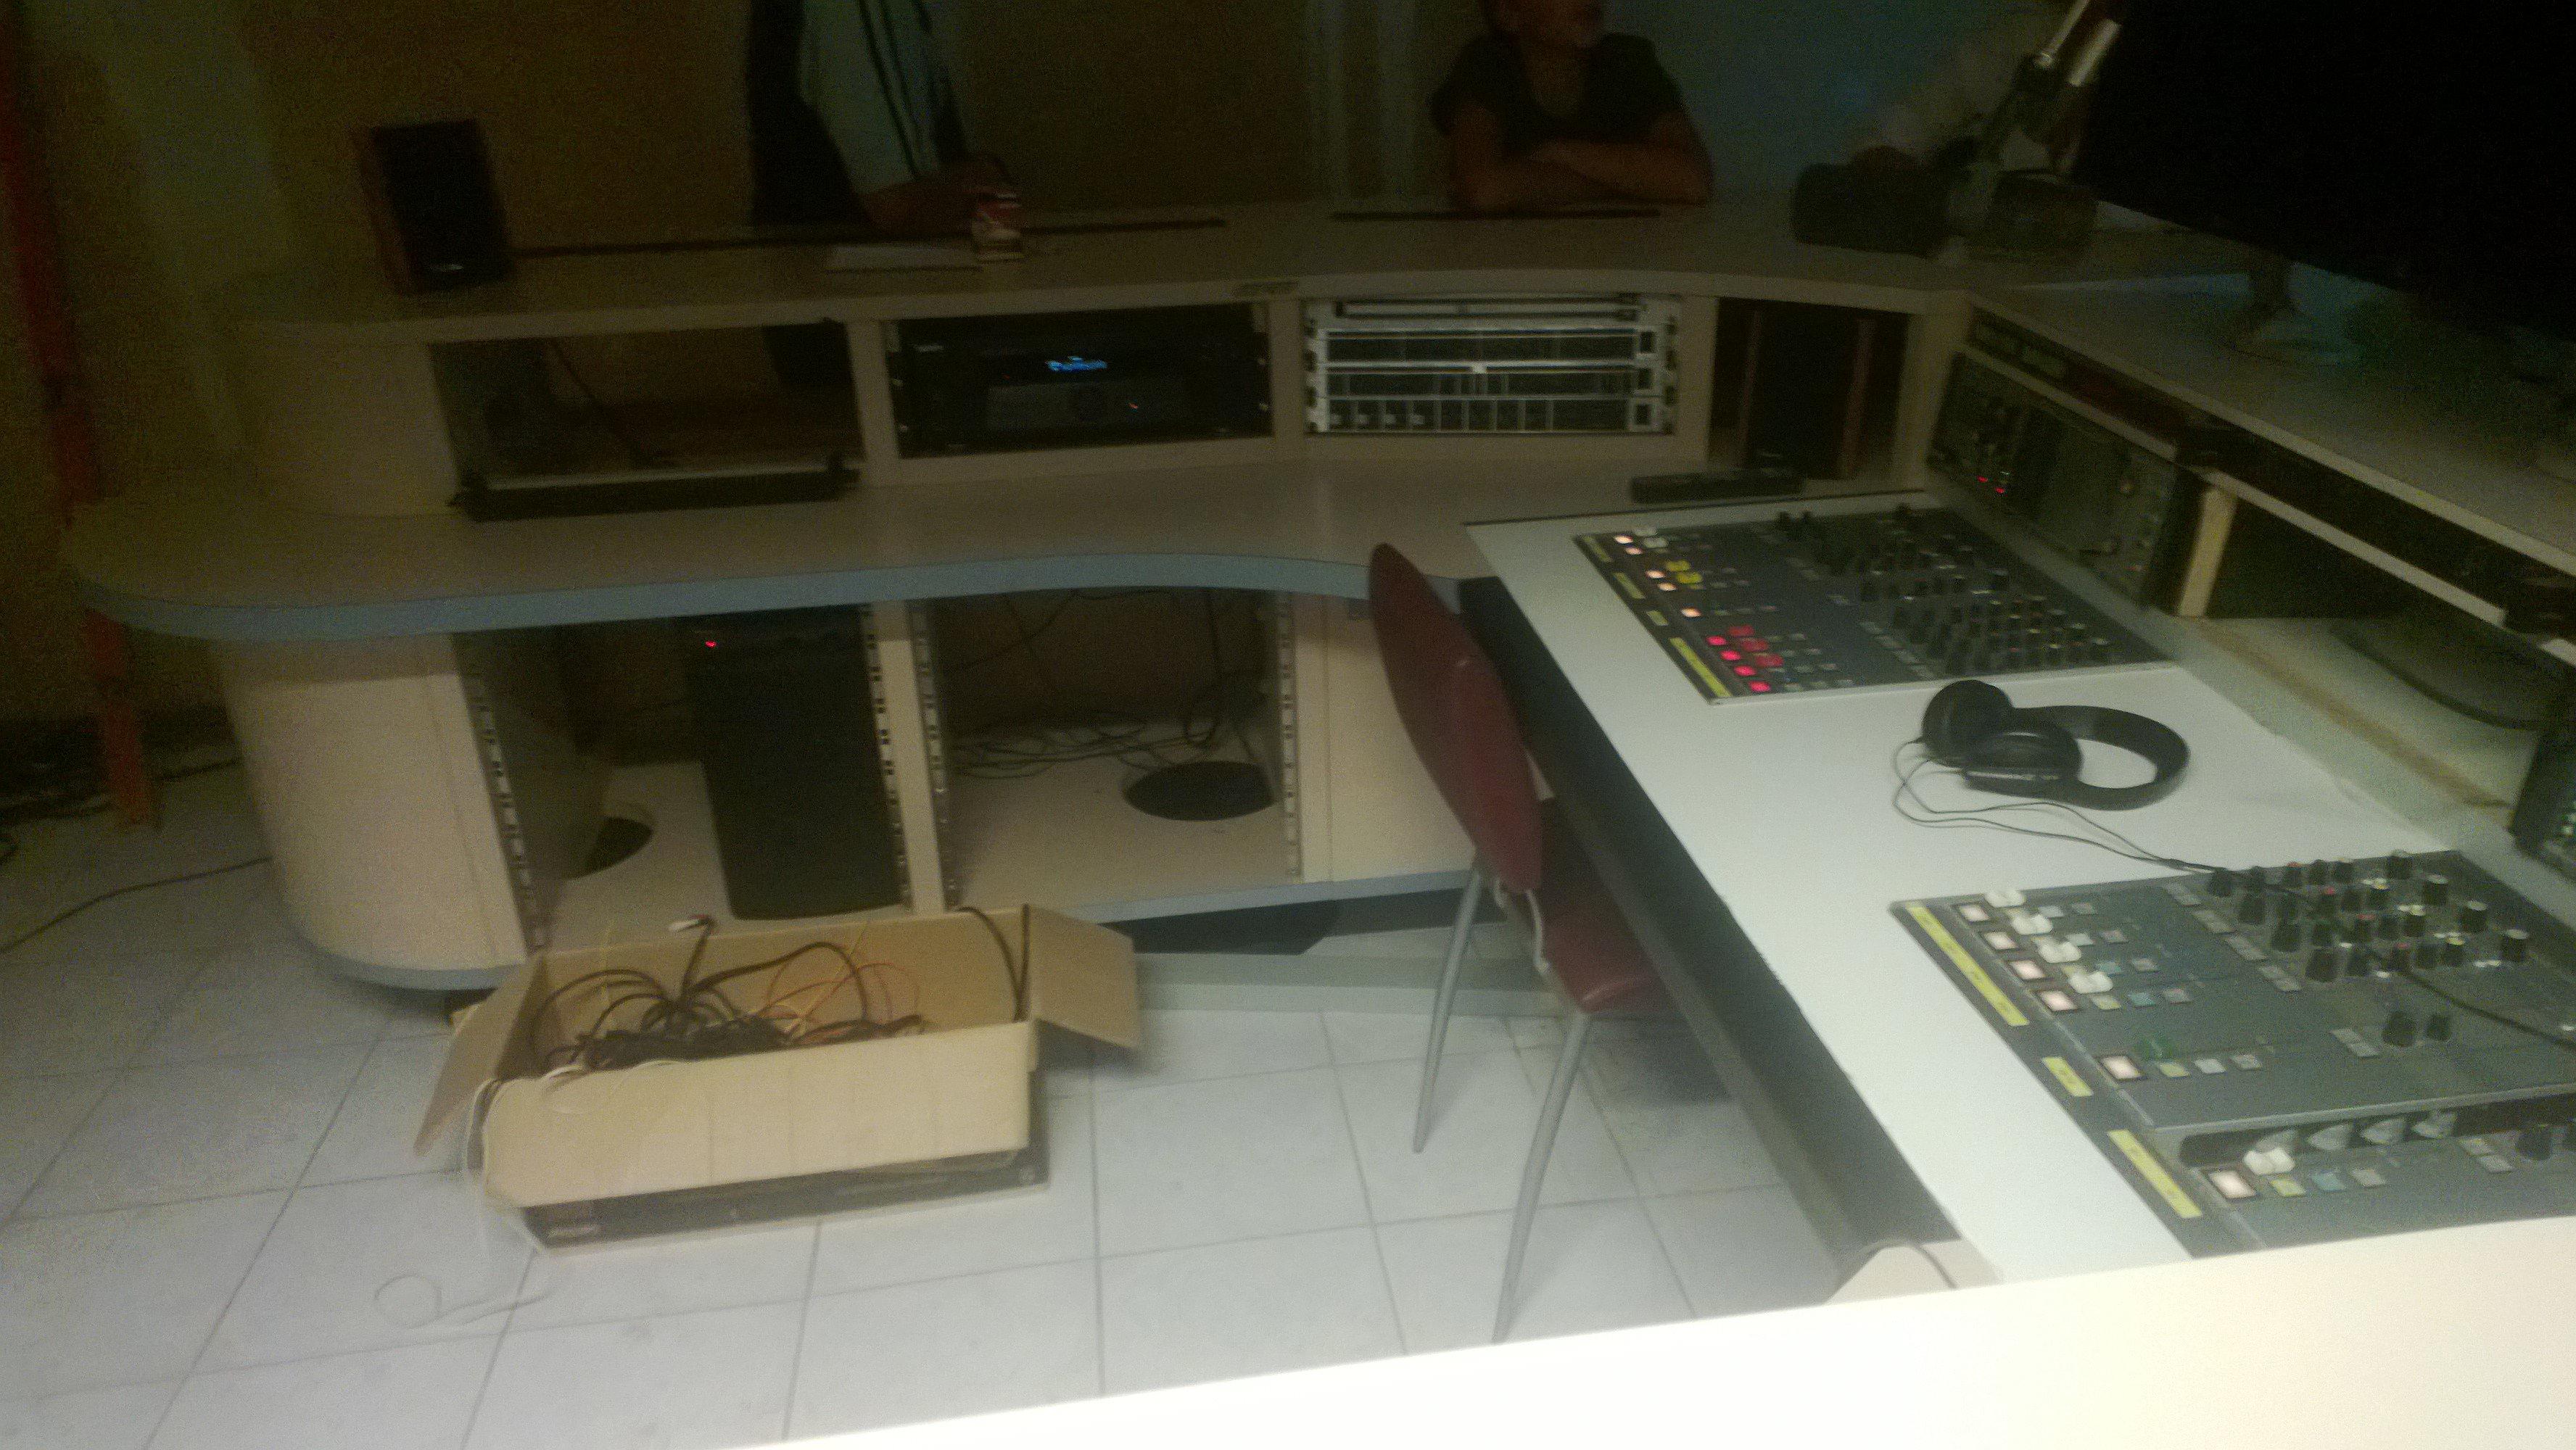 Radio vrd meubel studio 1 - Meubels studio ...